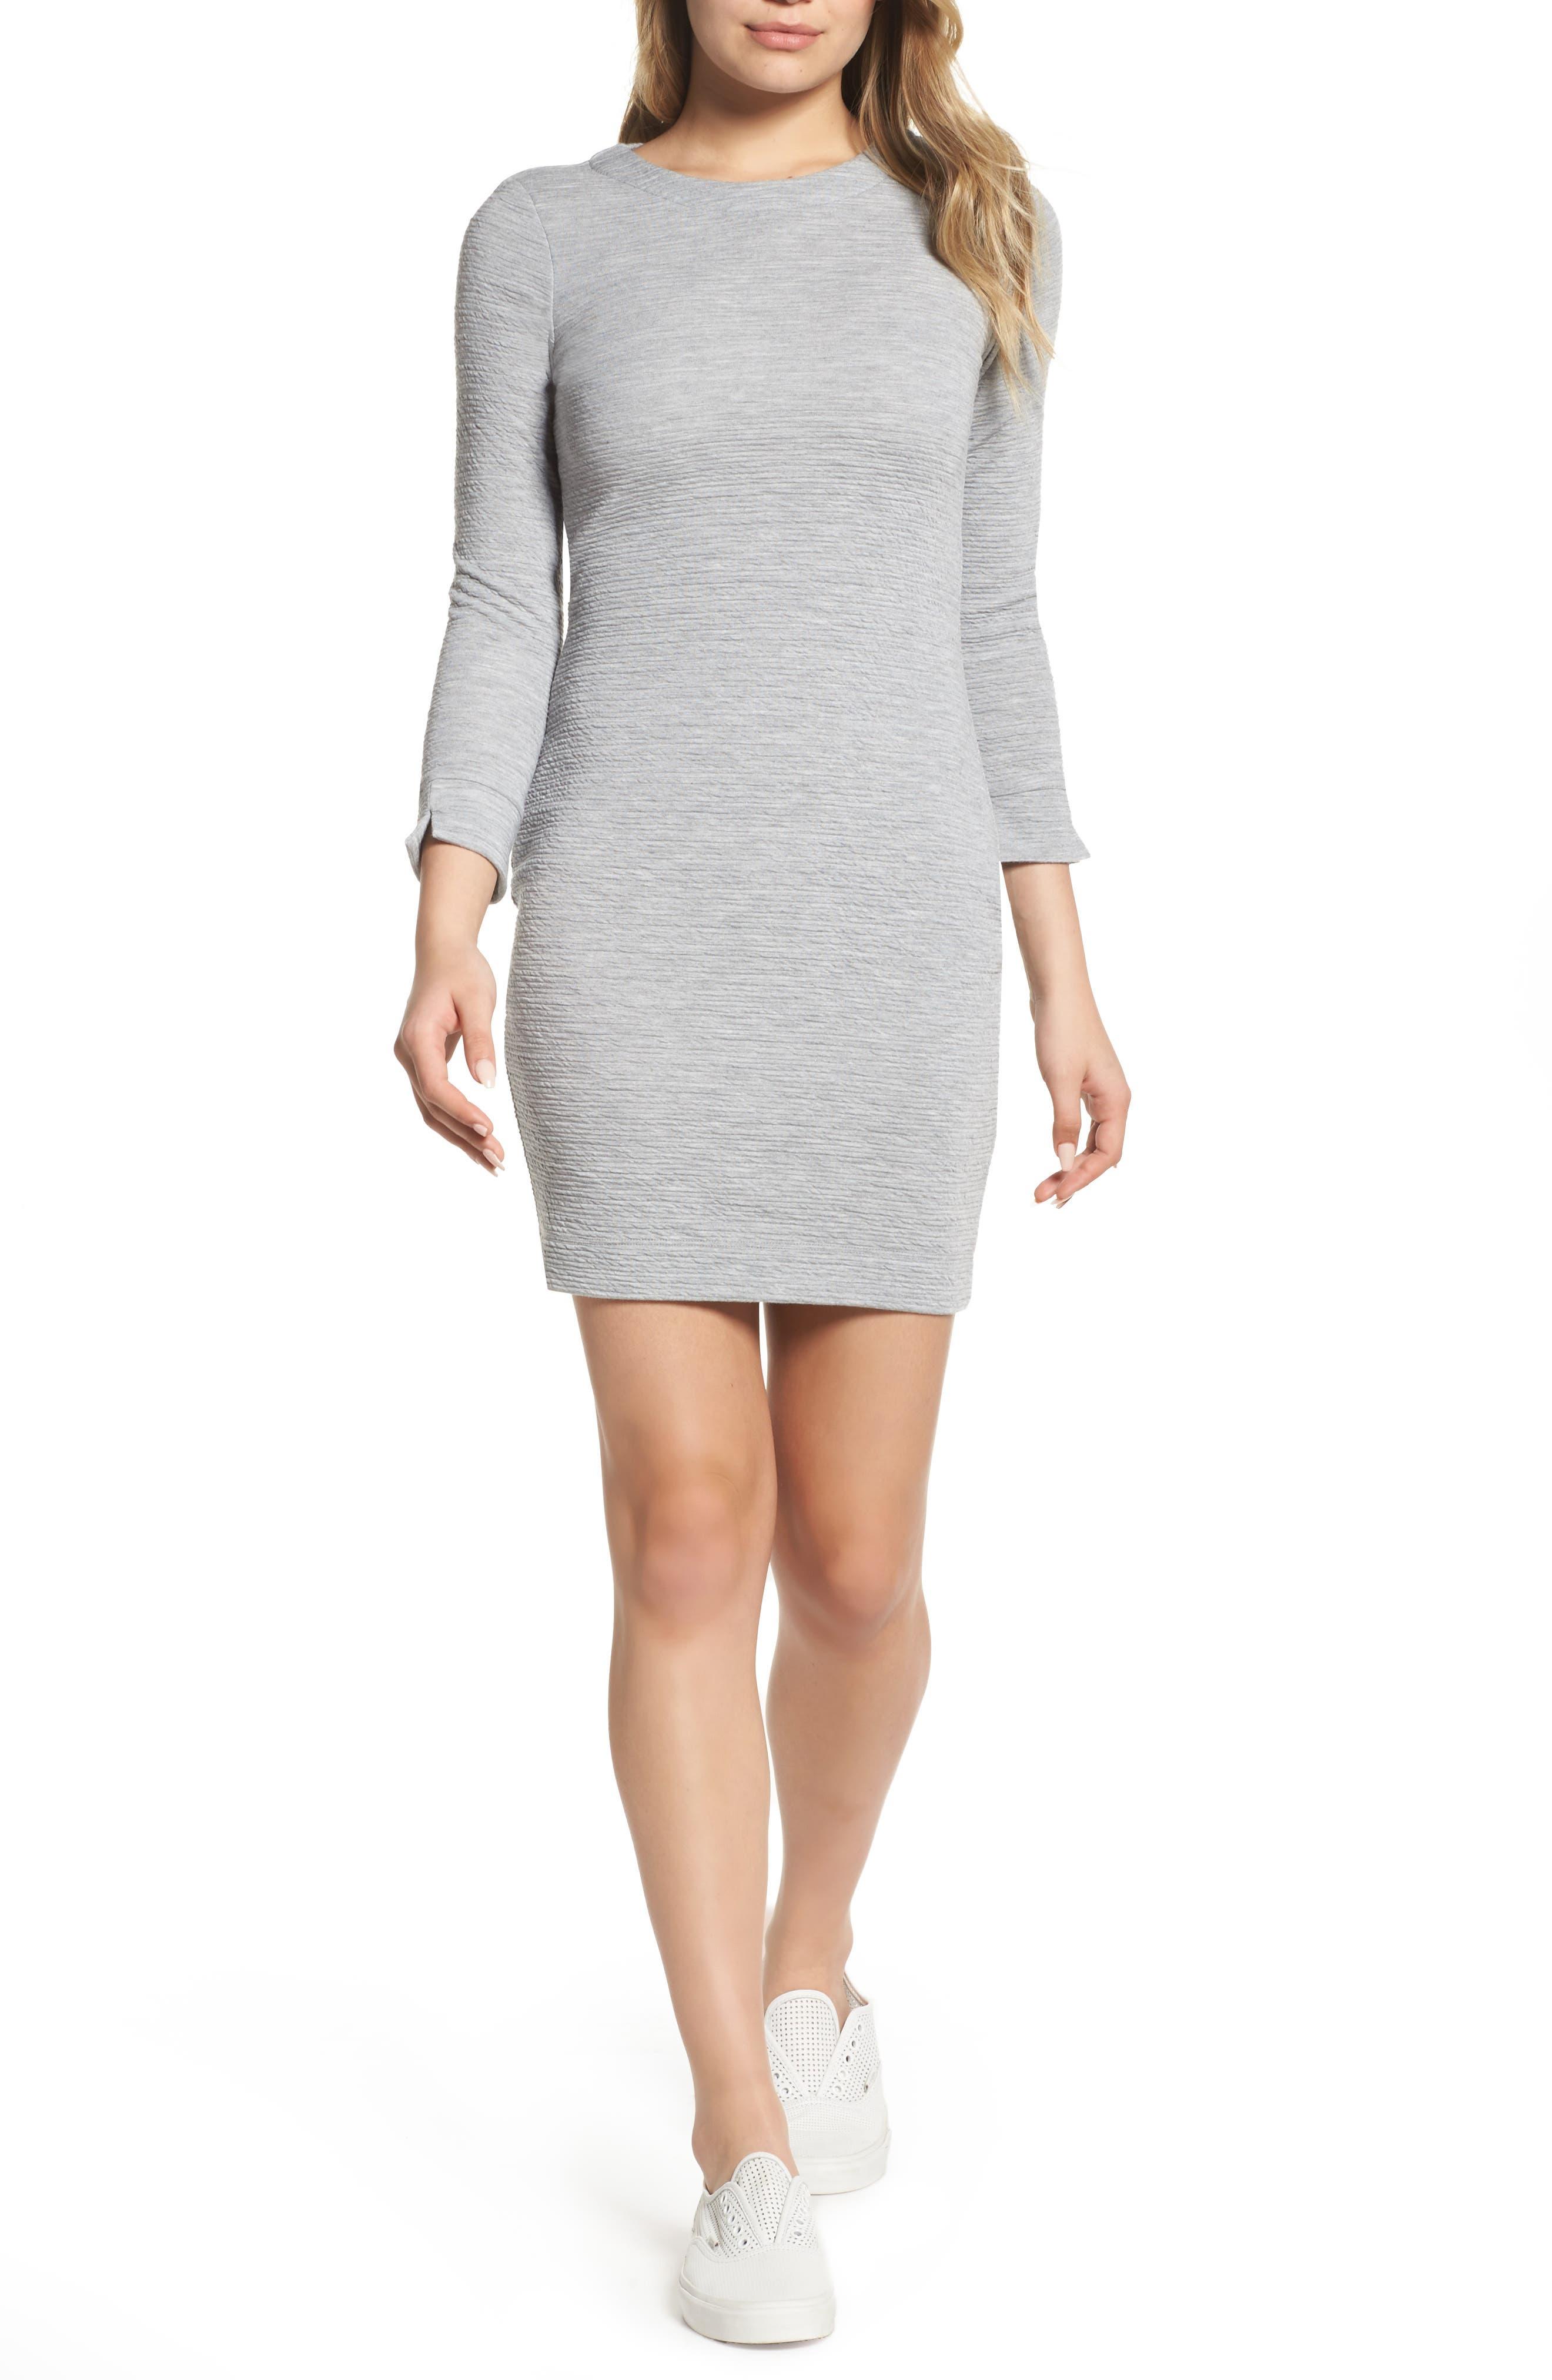 Sudan Marl Sheath Dress,                             Main thumbnail 1, color,                             Mid Grey Mel